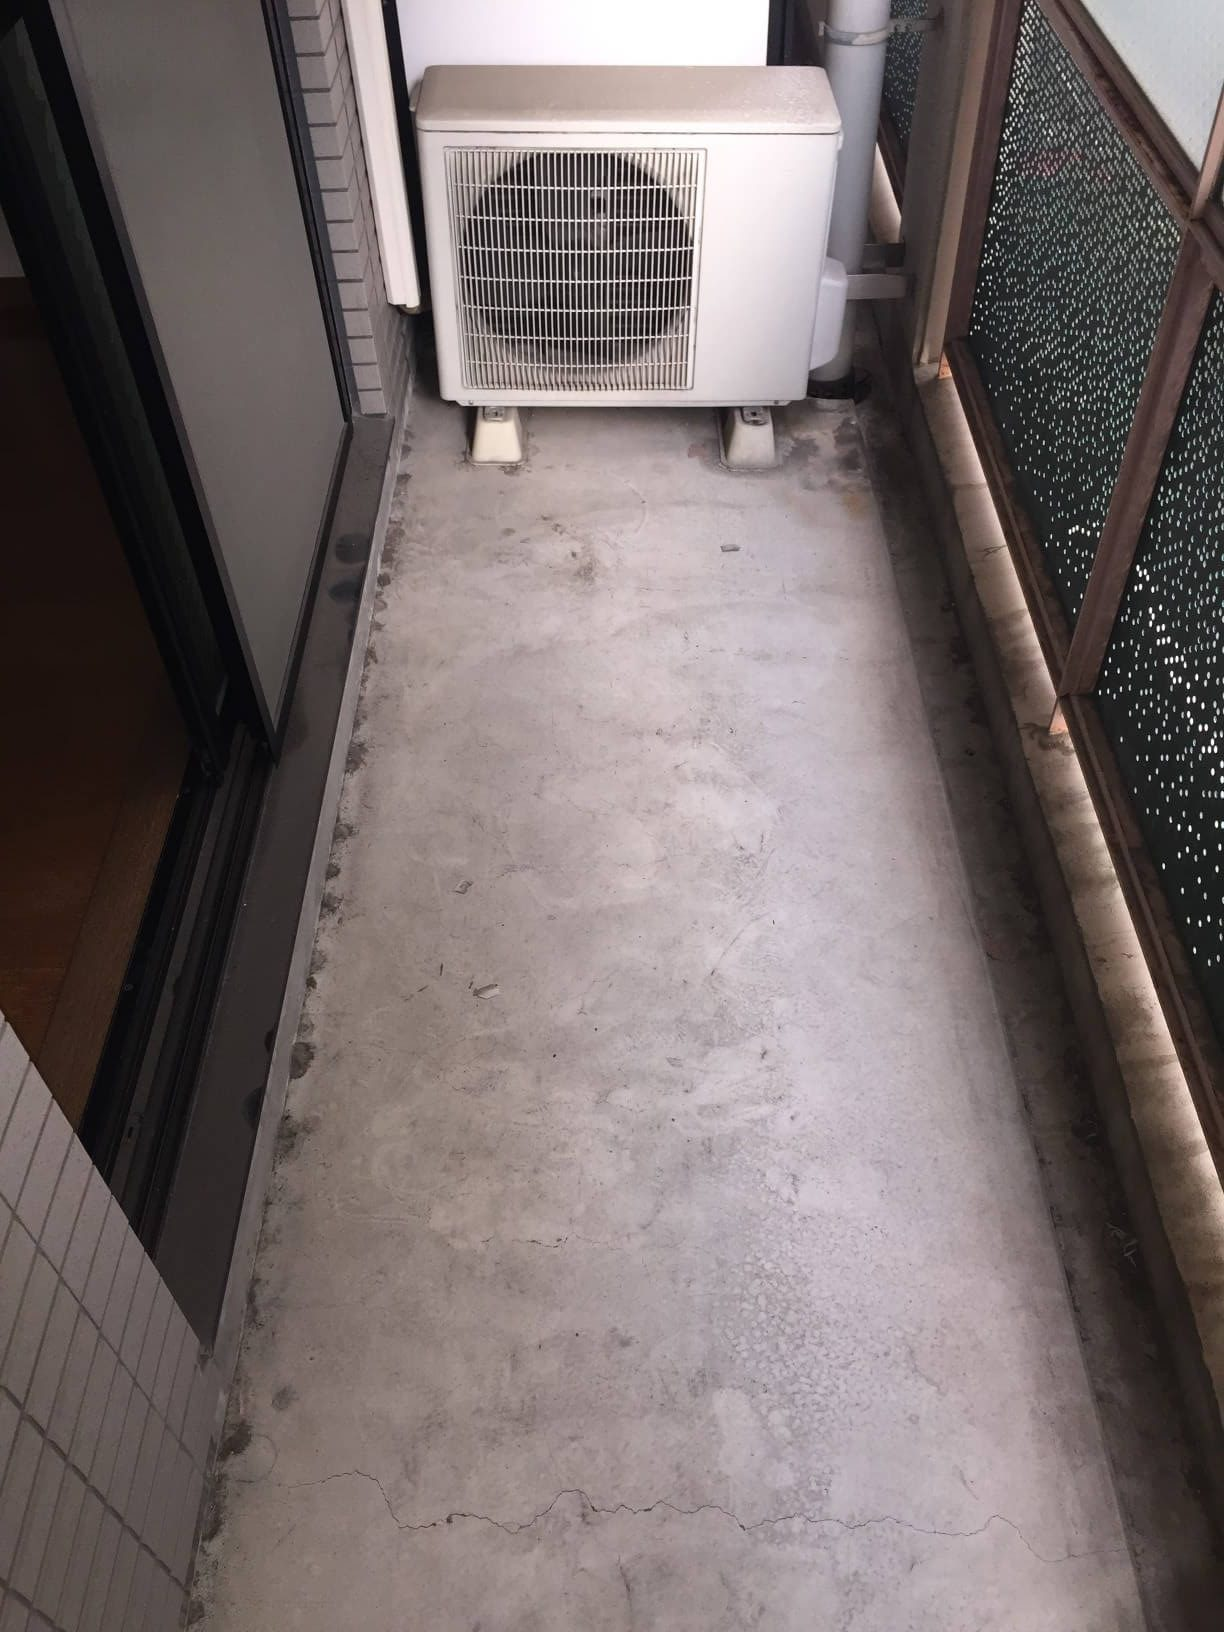 宝塚市 ハウスクリーニング「室外機周りの洗浄・ベランダの清掃」おそうじ/おそうじプラス